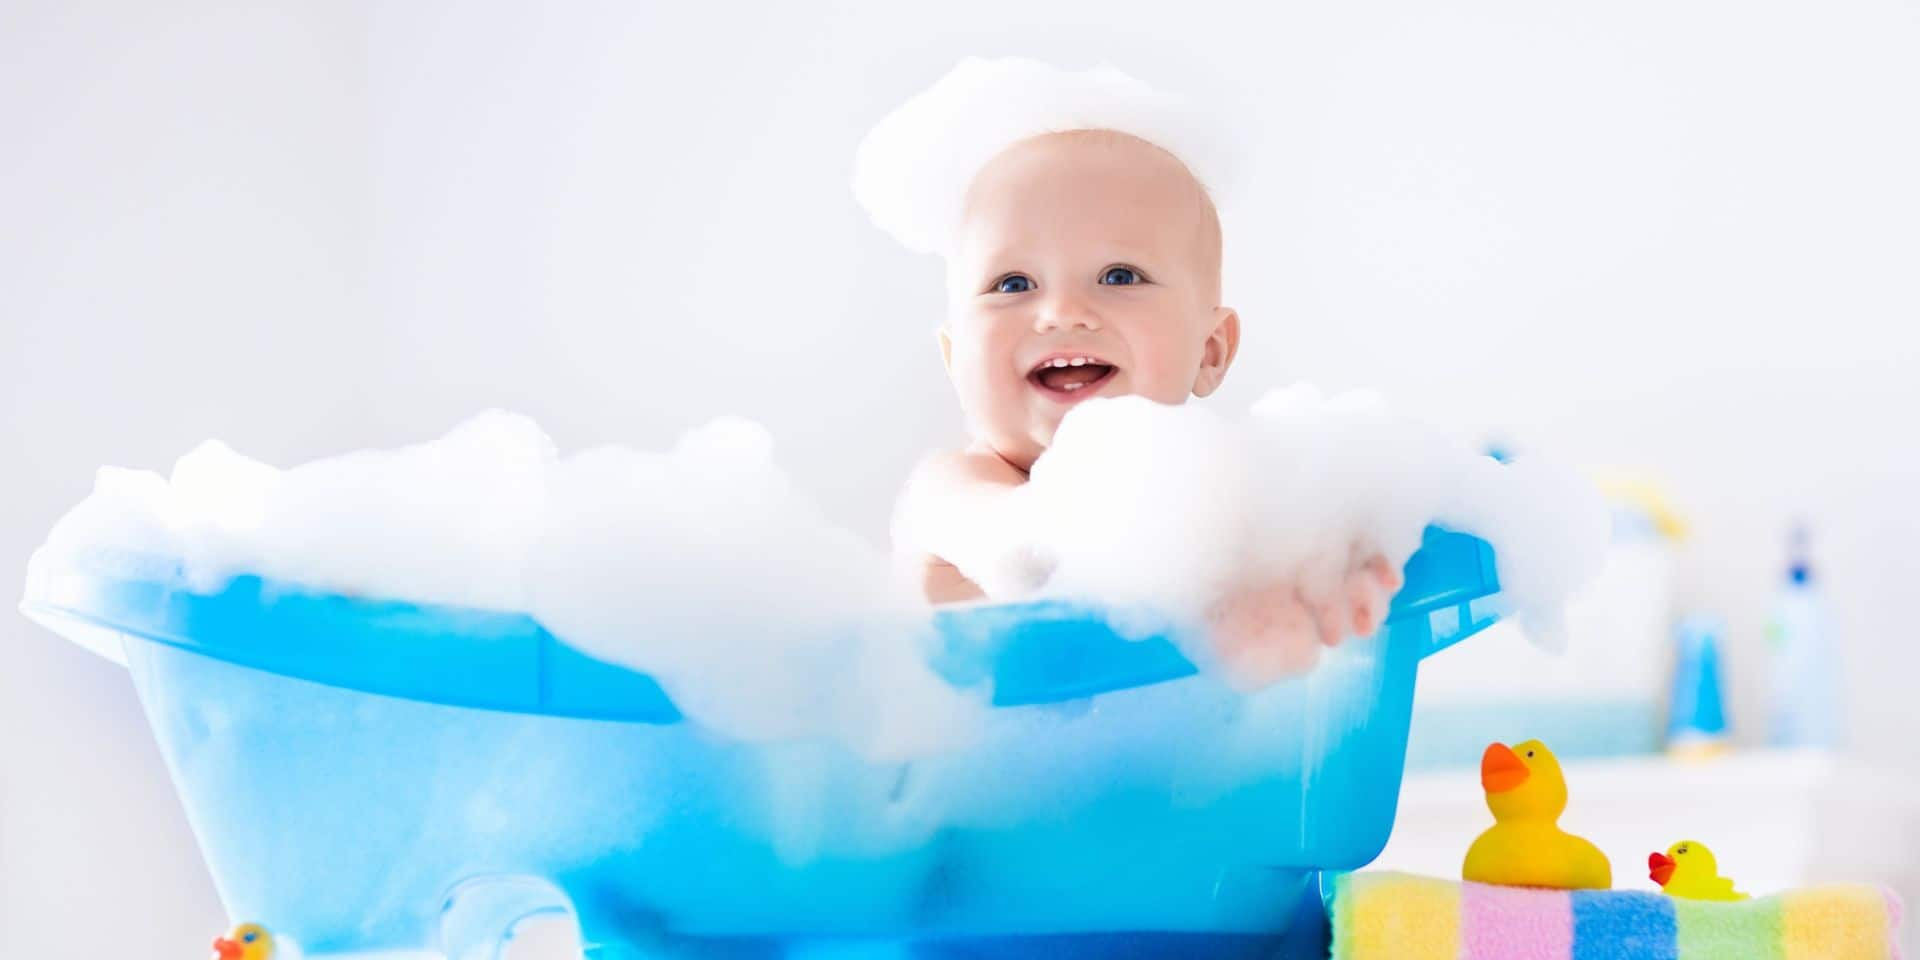 Comment bien prendre soin de la peau de bébé, si douce et si fragile